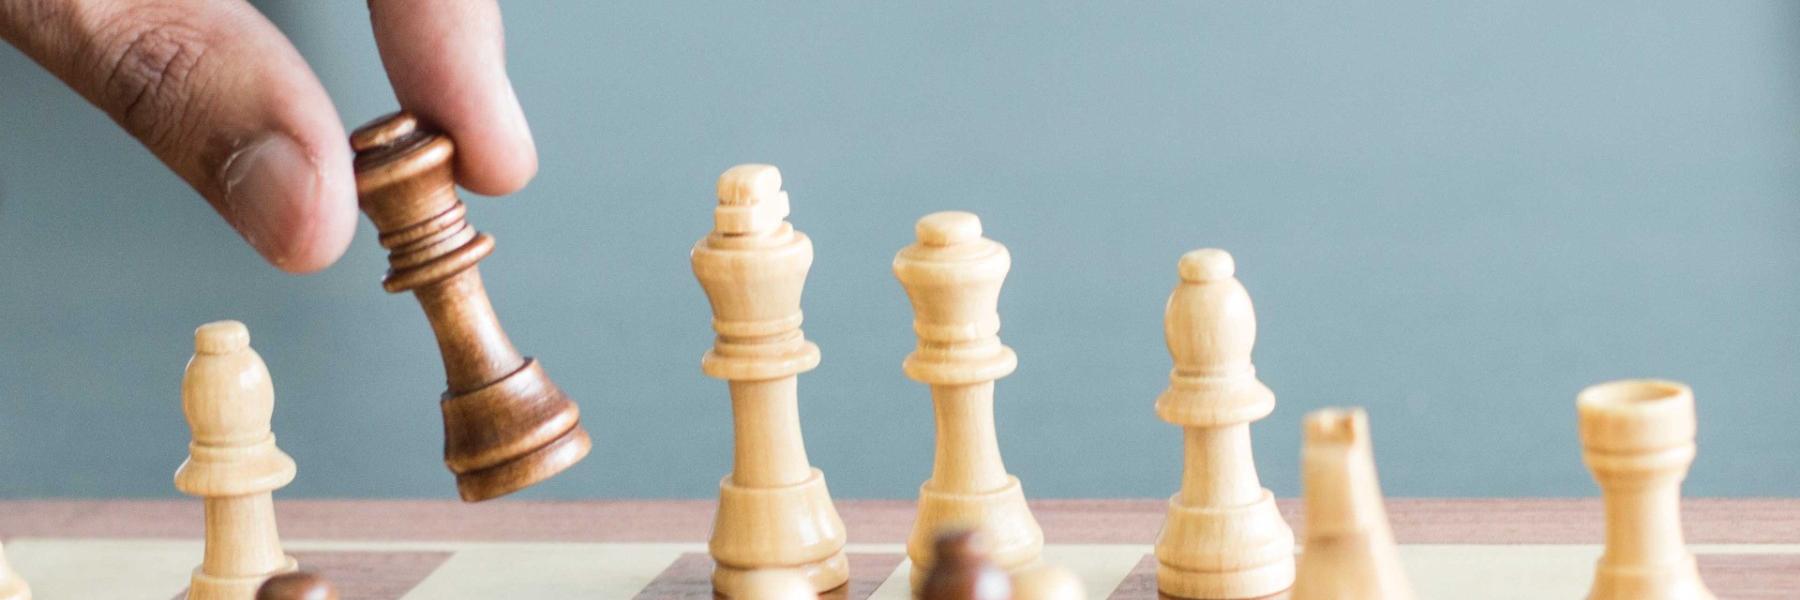 Sosyal Güvenlik ve İş Mevzuatı Hizmetlerini betimleyen satranç görseli